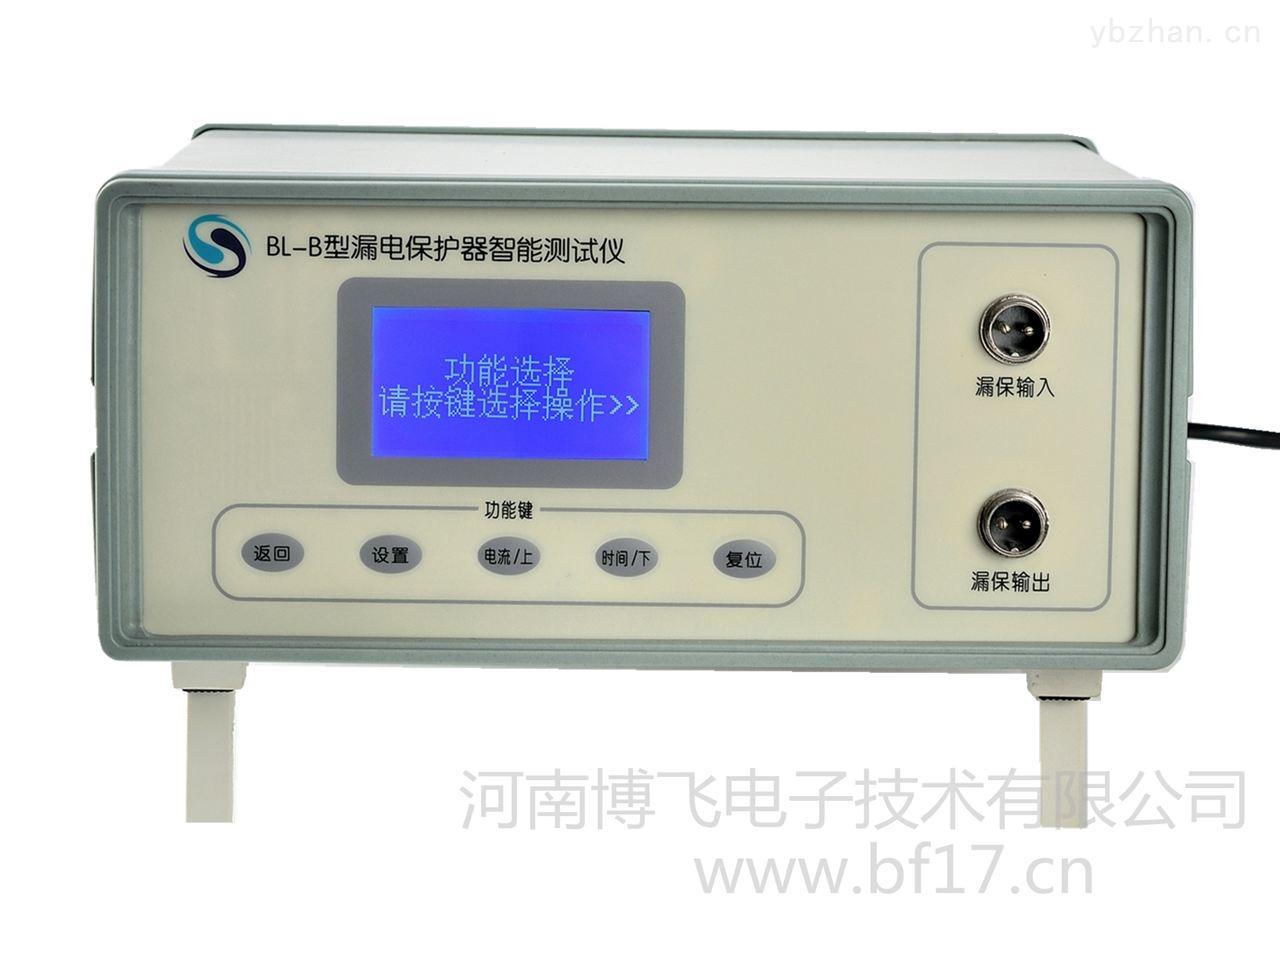 博飞电子BL-B型漏电保护器智能测试仪